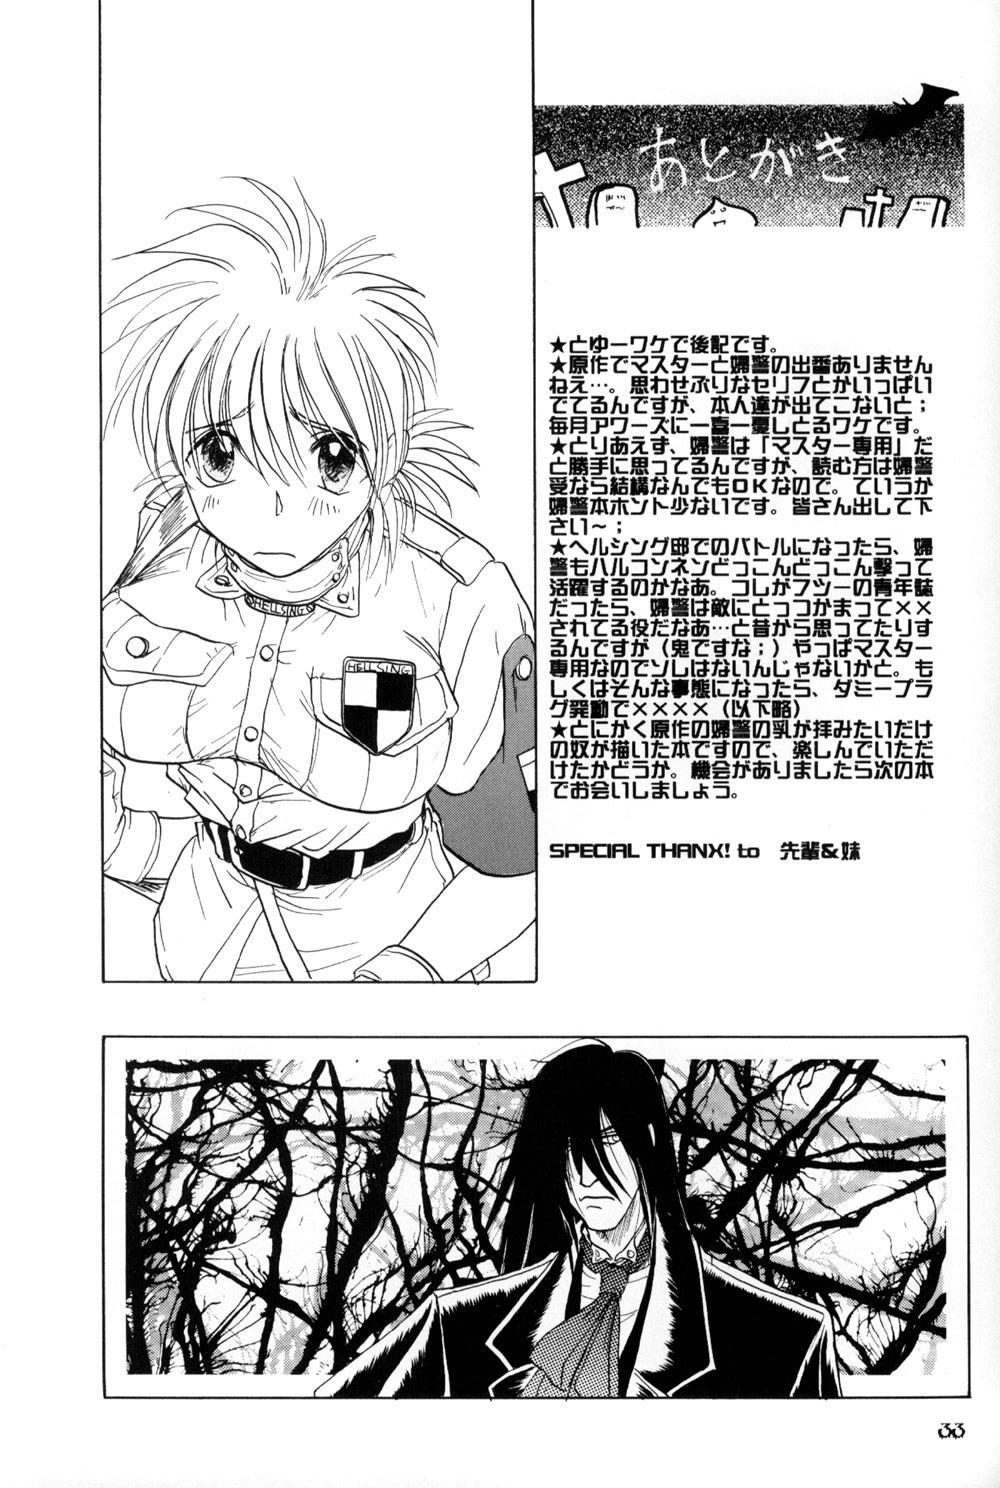 Hitsugi o Tataku Onna 34